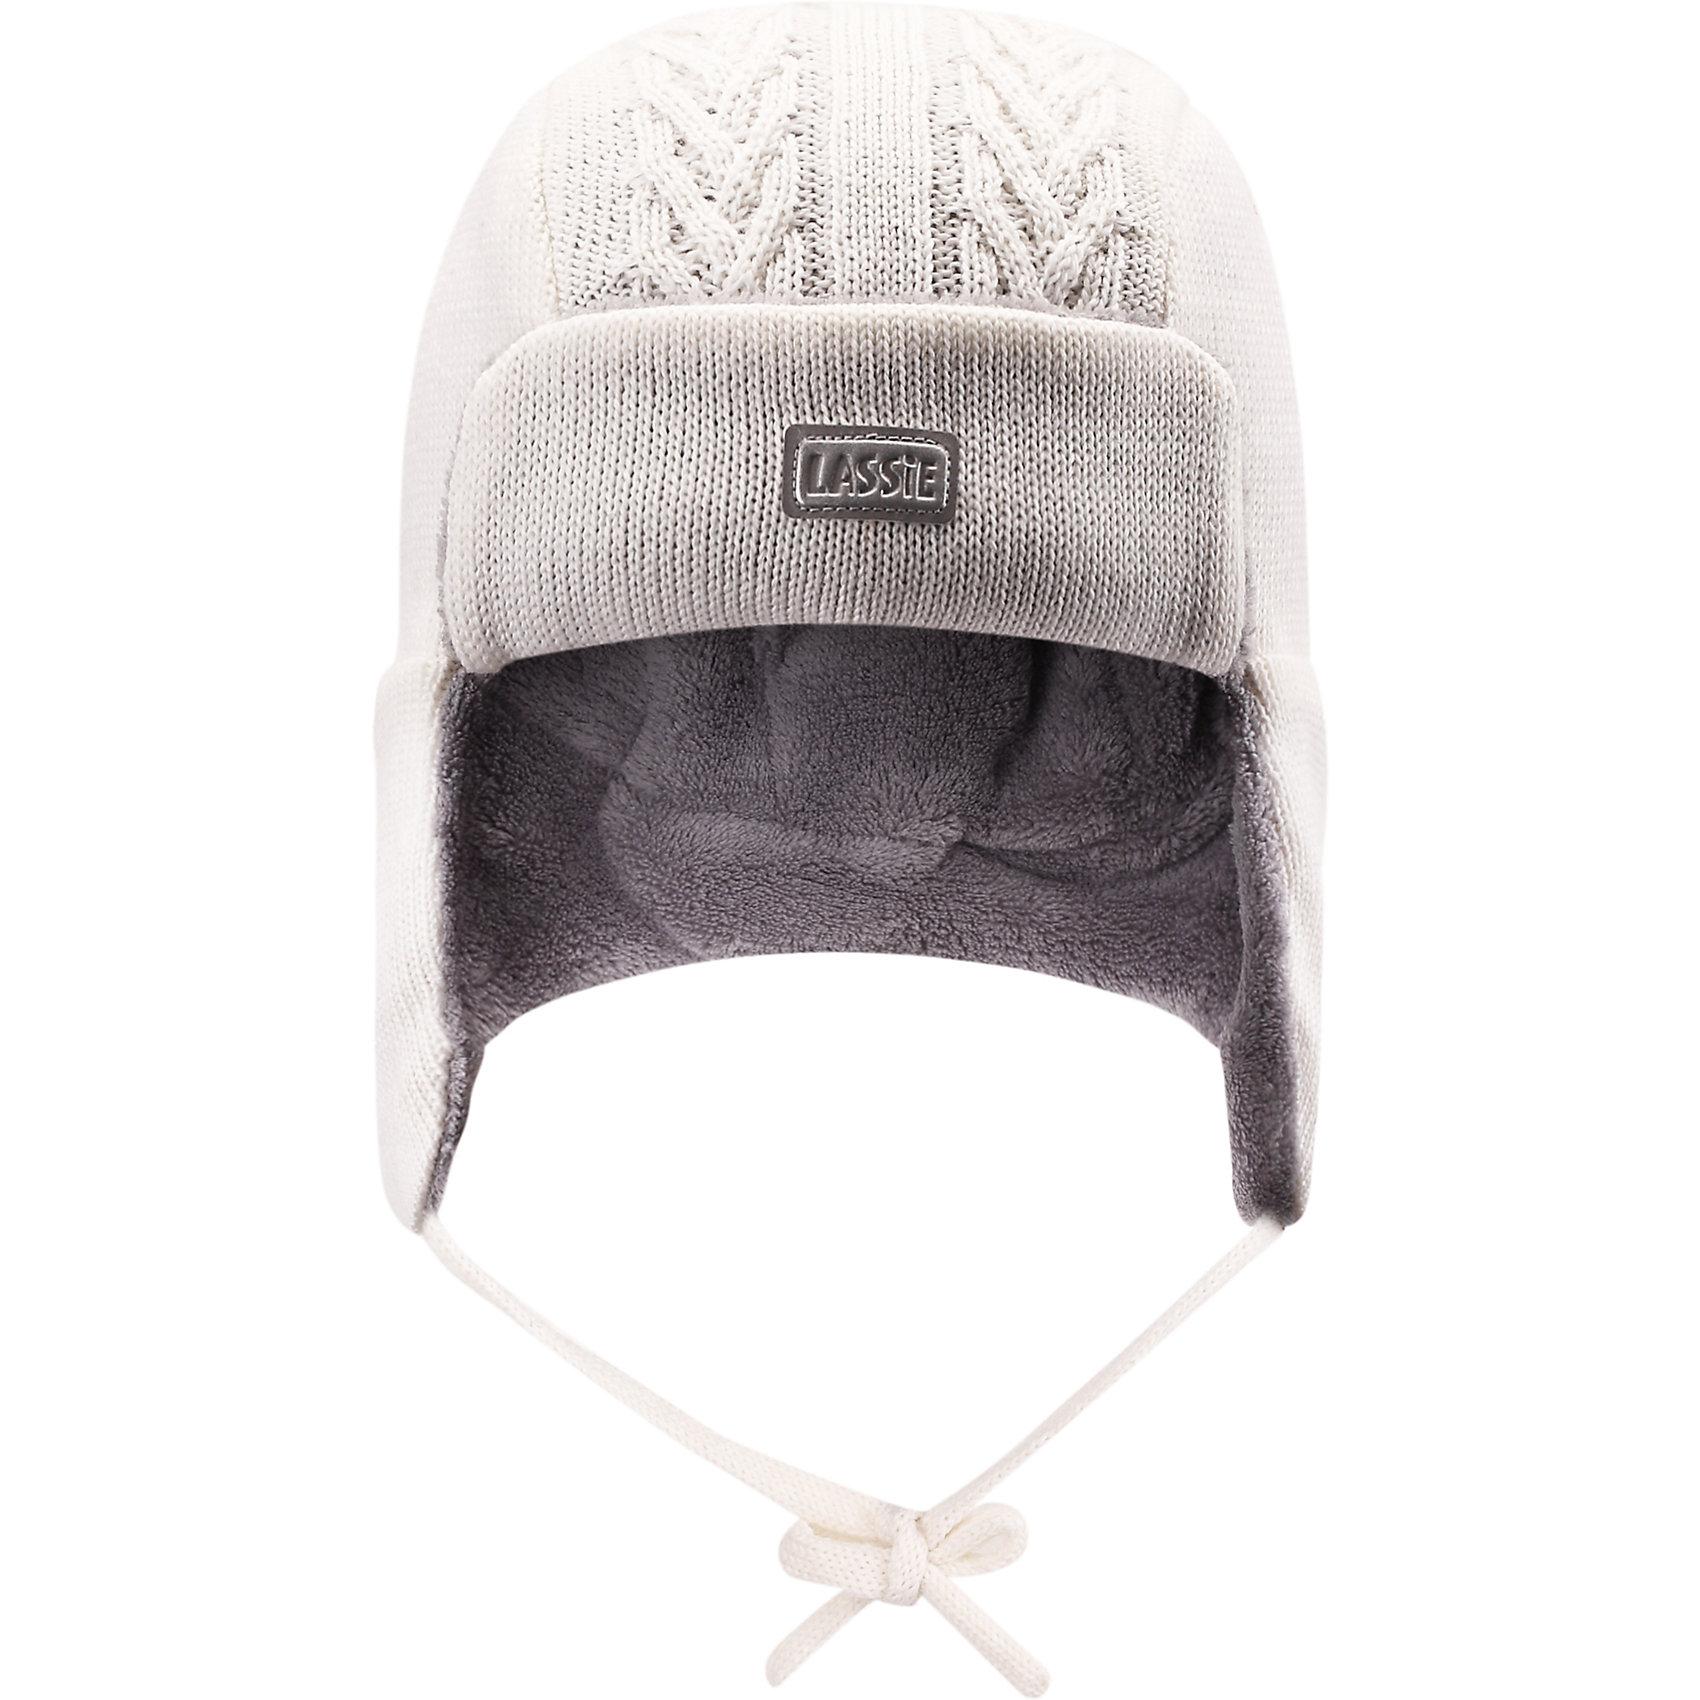 Шапка LASSIE by ReimaШапка от финской марки LASSIE by Reima (Ласси от Рейма).<br>Теплая зимняя полушерстяная шапка. Утеплитель флис. Ветронепроницаемые вставки в области ушей. Классическая вязанная структура. <br><br>Дополнительная информация:<br><br>Температурный режим -15<br>Состав: 50% Шерсть, 50% ПАН<br><br>Шапку LASSIE by Reima (Ласси от Рейма) можно купить в нашем магазине.<br><br>Ширина мм: 89<br>Глубина мм: 117<br>Высота мм: 44<br>Вес г: 155<br>Цвет: белый<br>Возраст от месяцев: 3<br>Возраст до месяцев: 6<br>Пол: Унисекс<br>Возраст: Детский<br>Размер: 42-44,46-48,50-52,44-46<br>SKU: 4218362